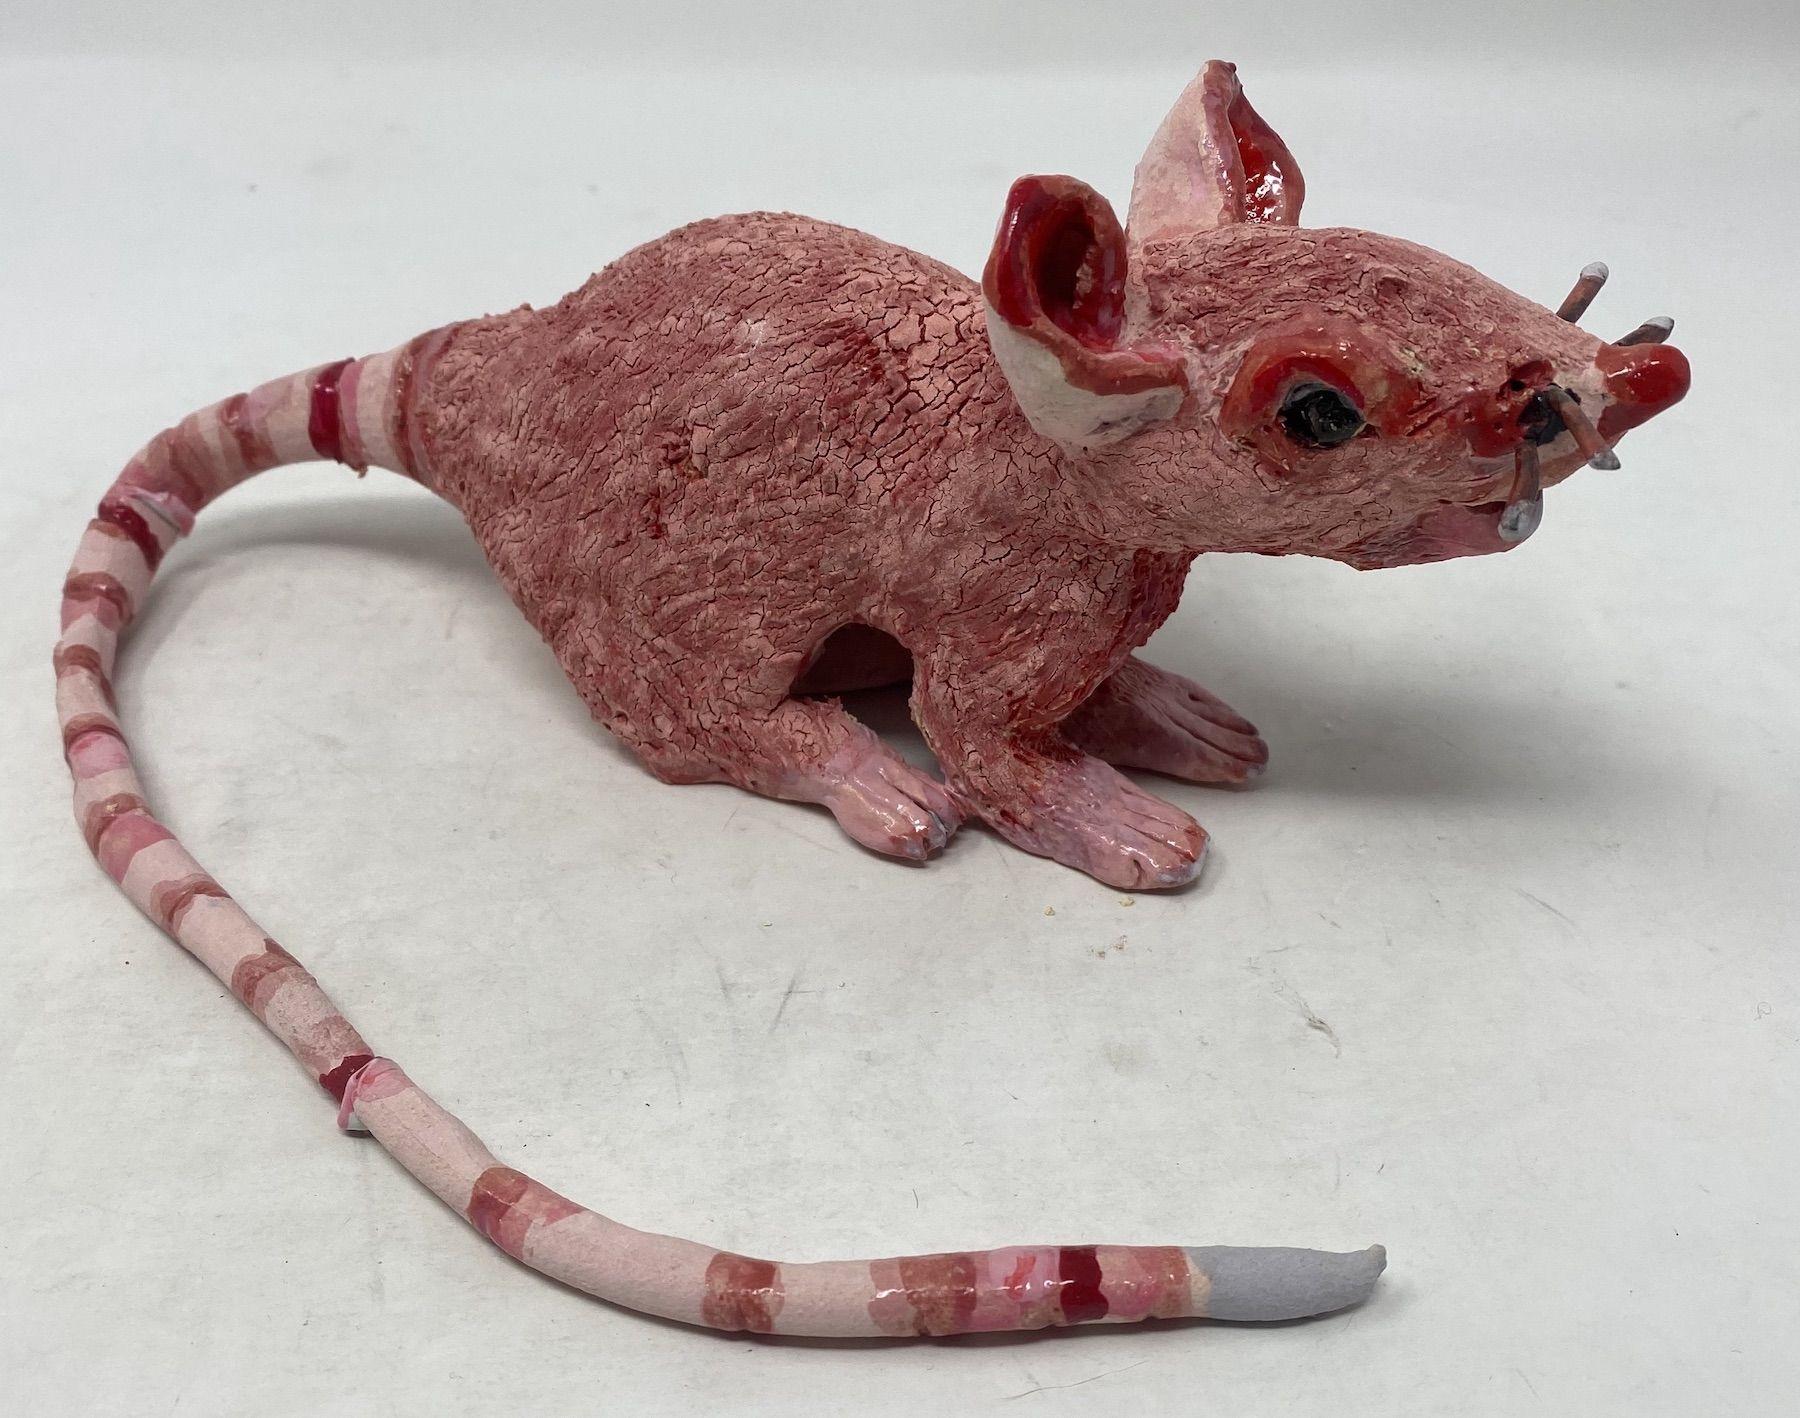 JENNY DAY, Peppermint Stick Rat, 2021